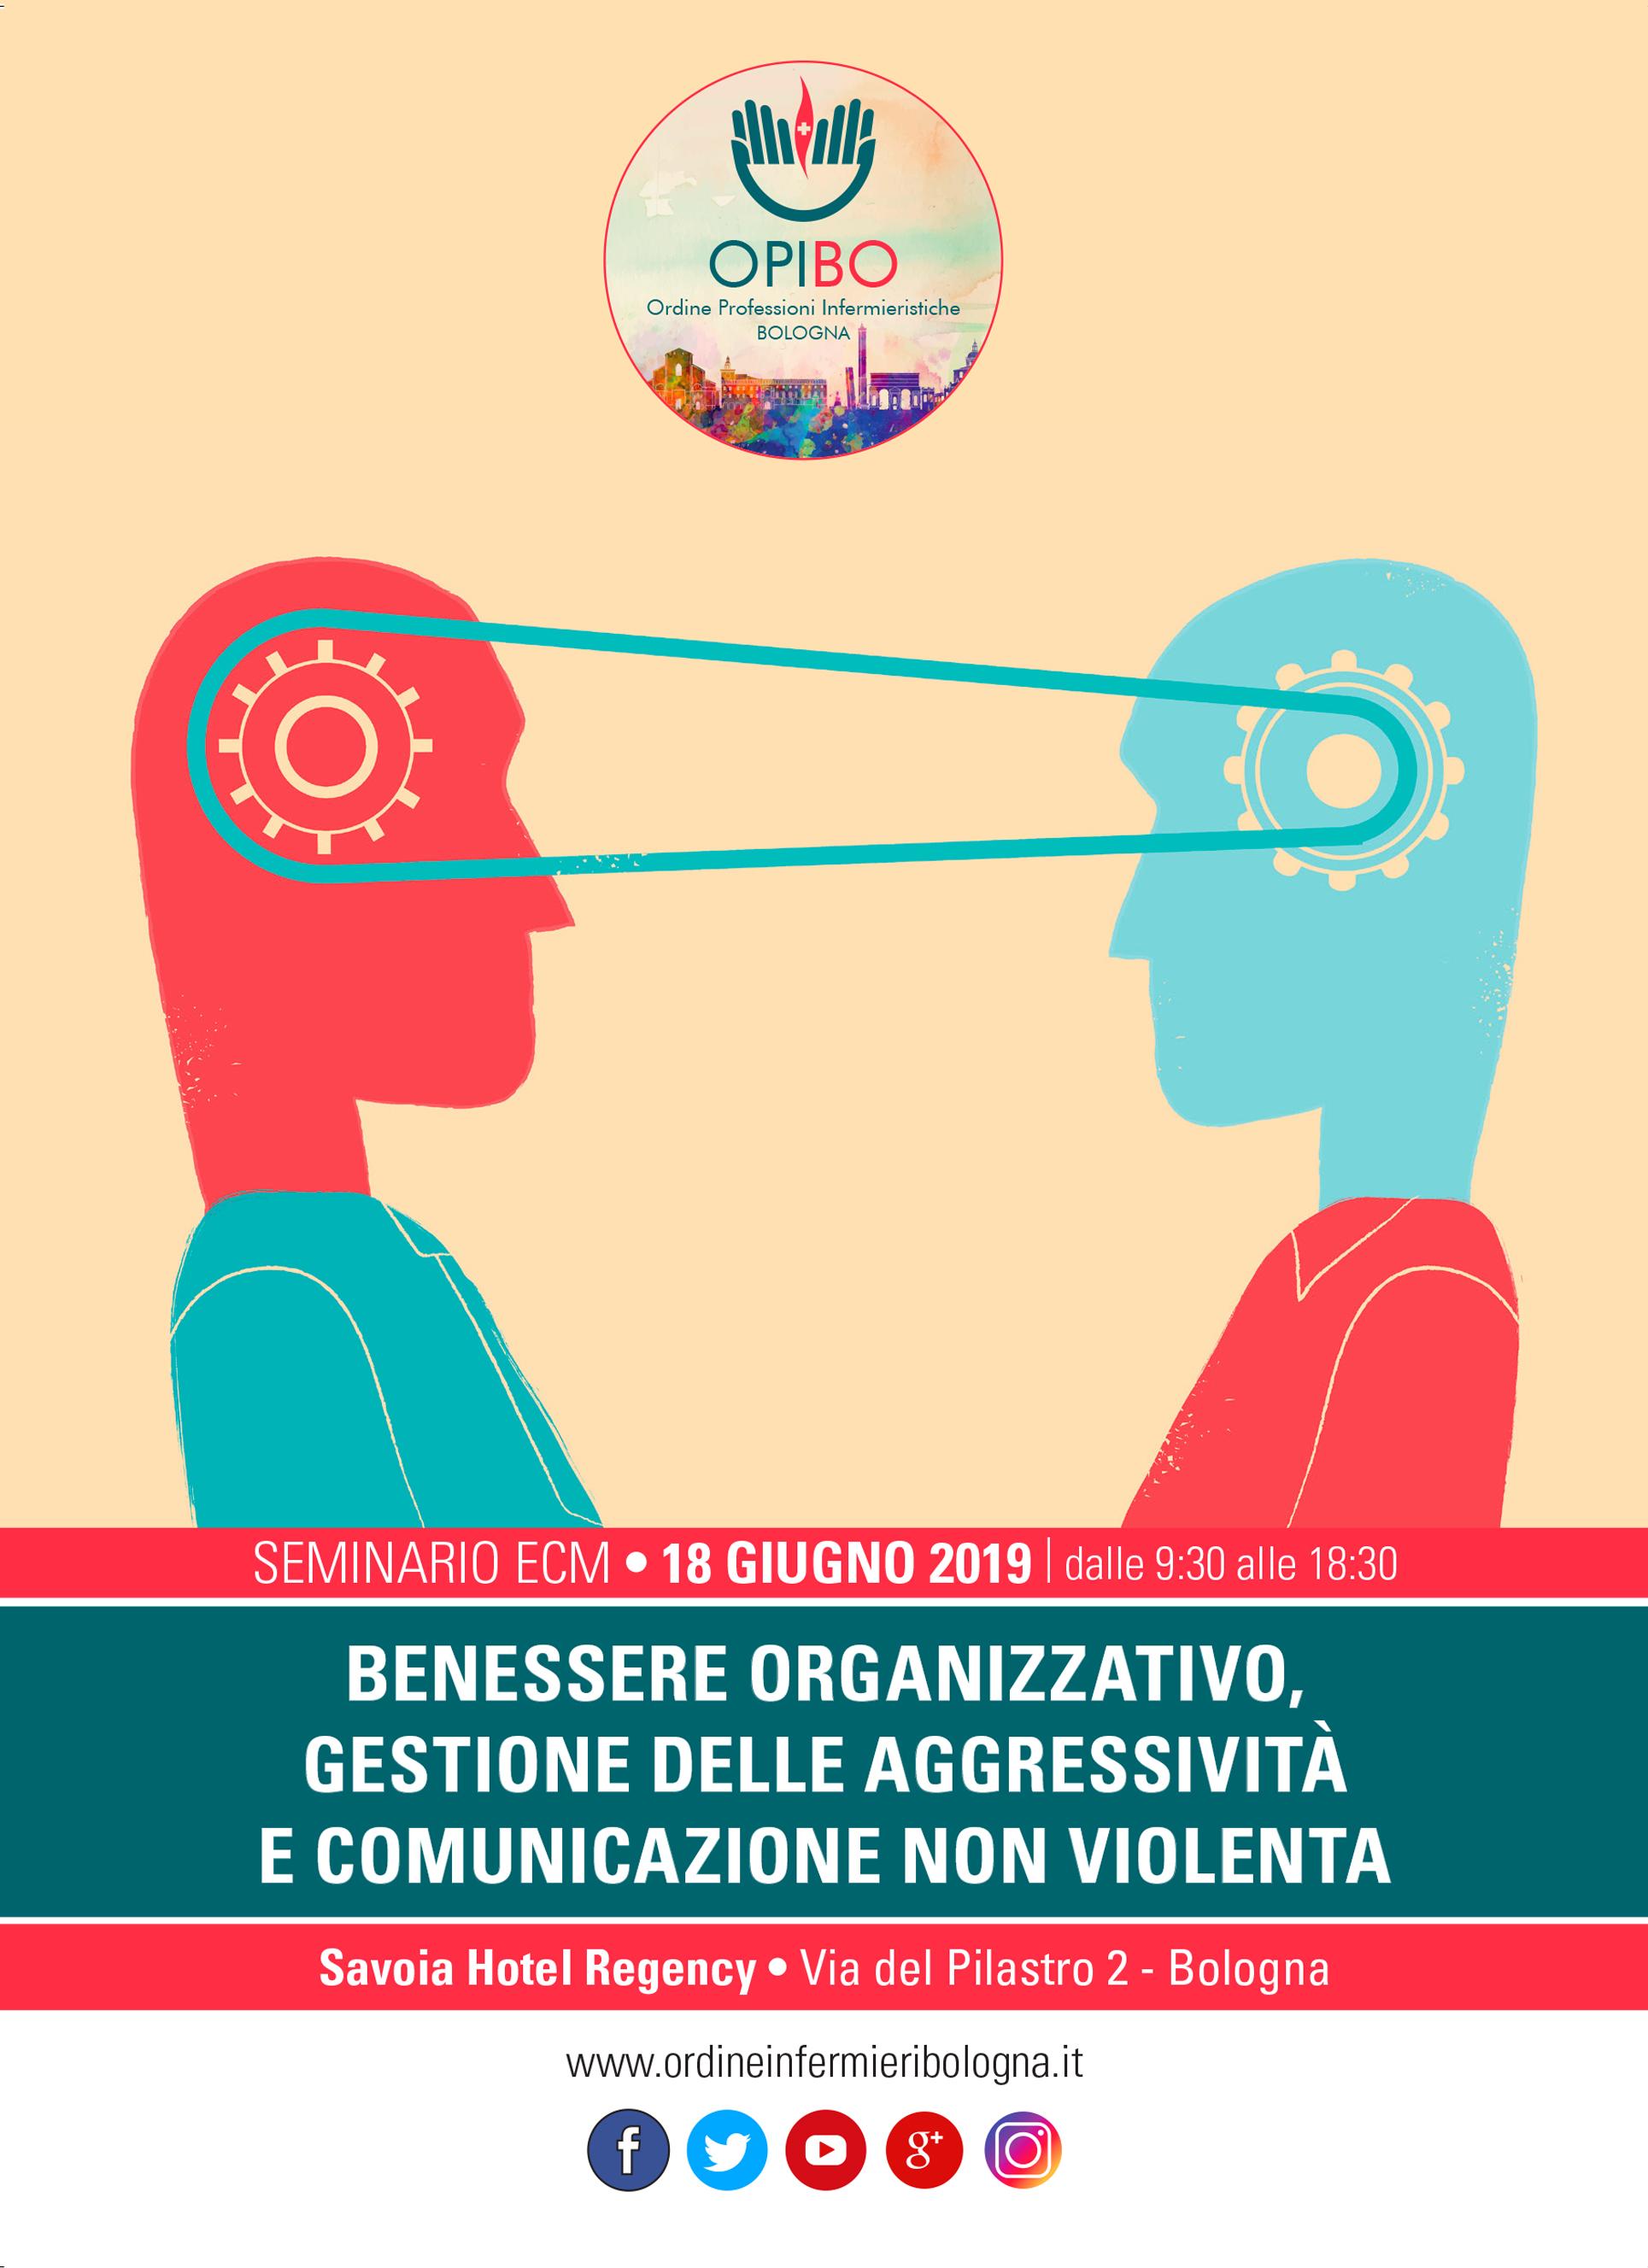 Seminario Opibo Benessere Organizzativo Gestione Delle Aggressivita E Comunicazione Non Violenta Ordine Professioni Infermieristiche Bologna